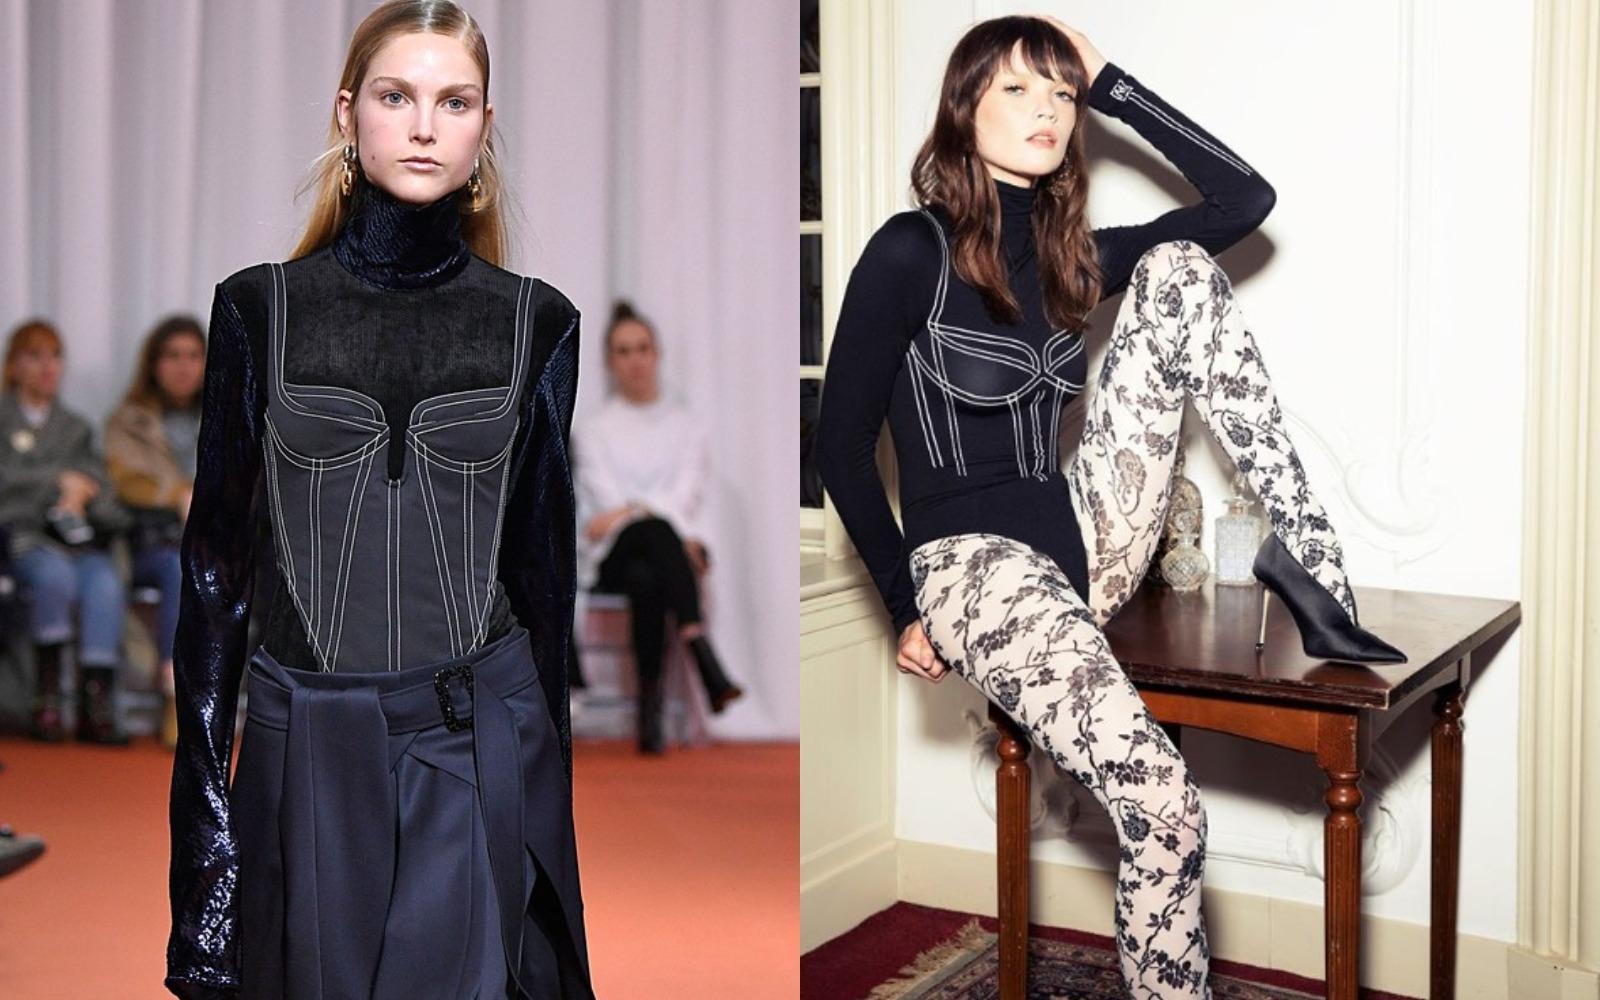 Uuups! Iluzii optice, la Ellery Haute Couture şi Wolford!